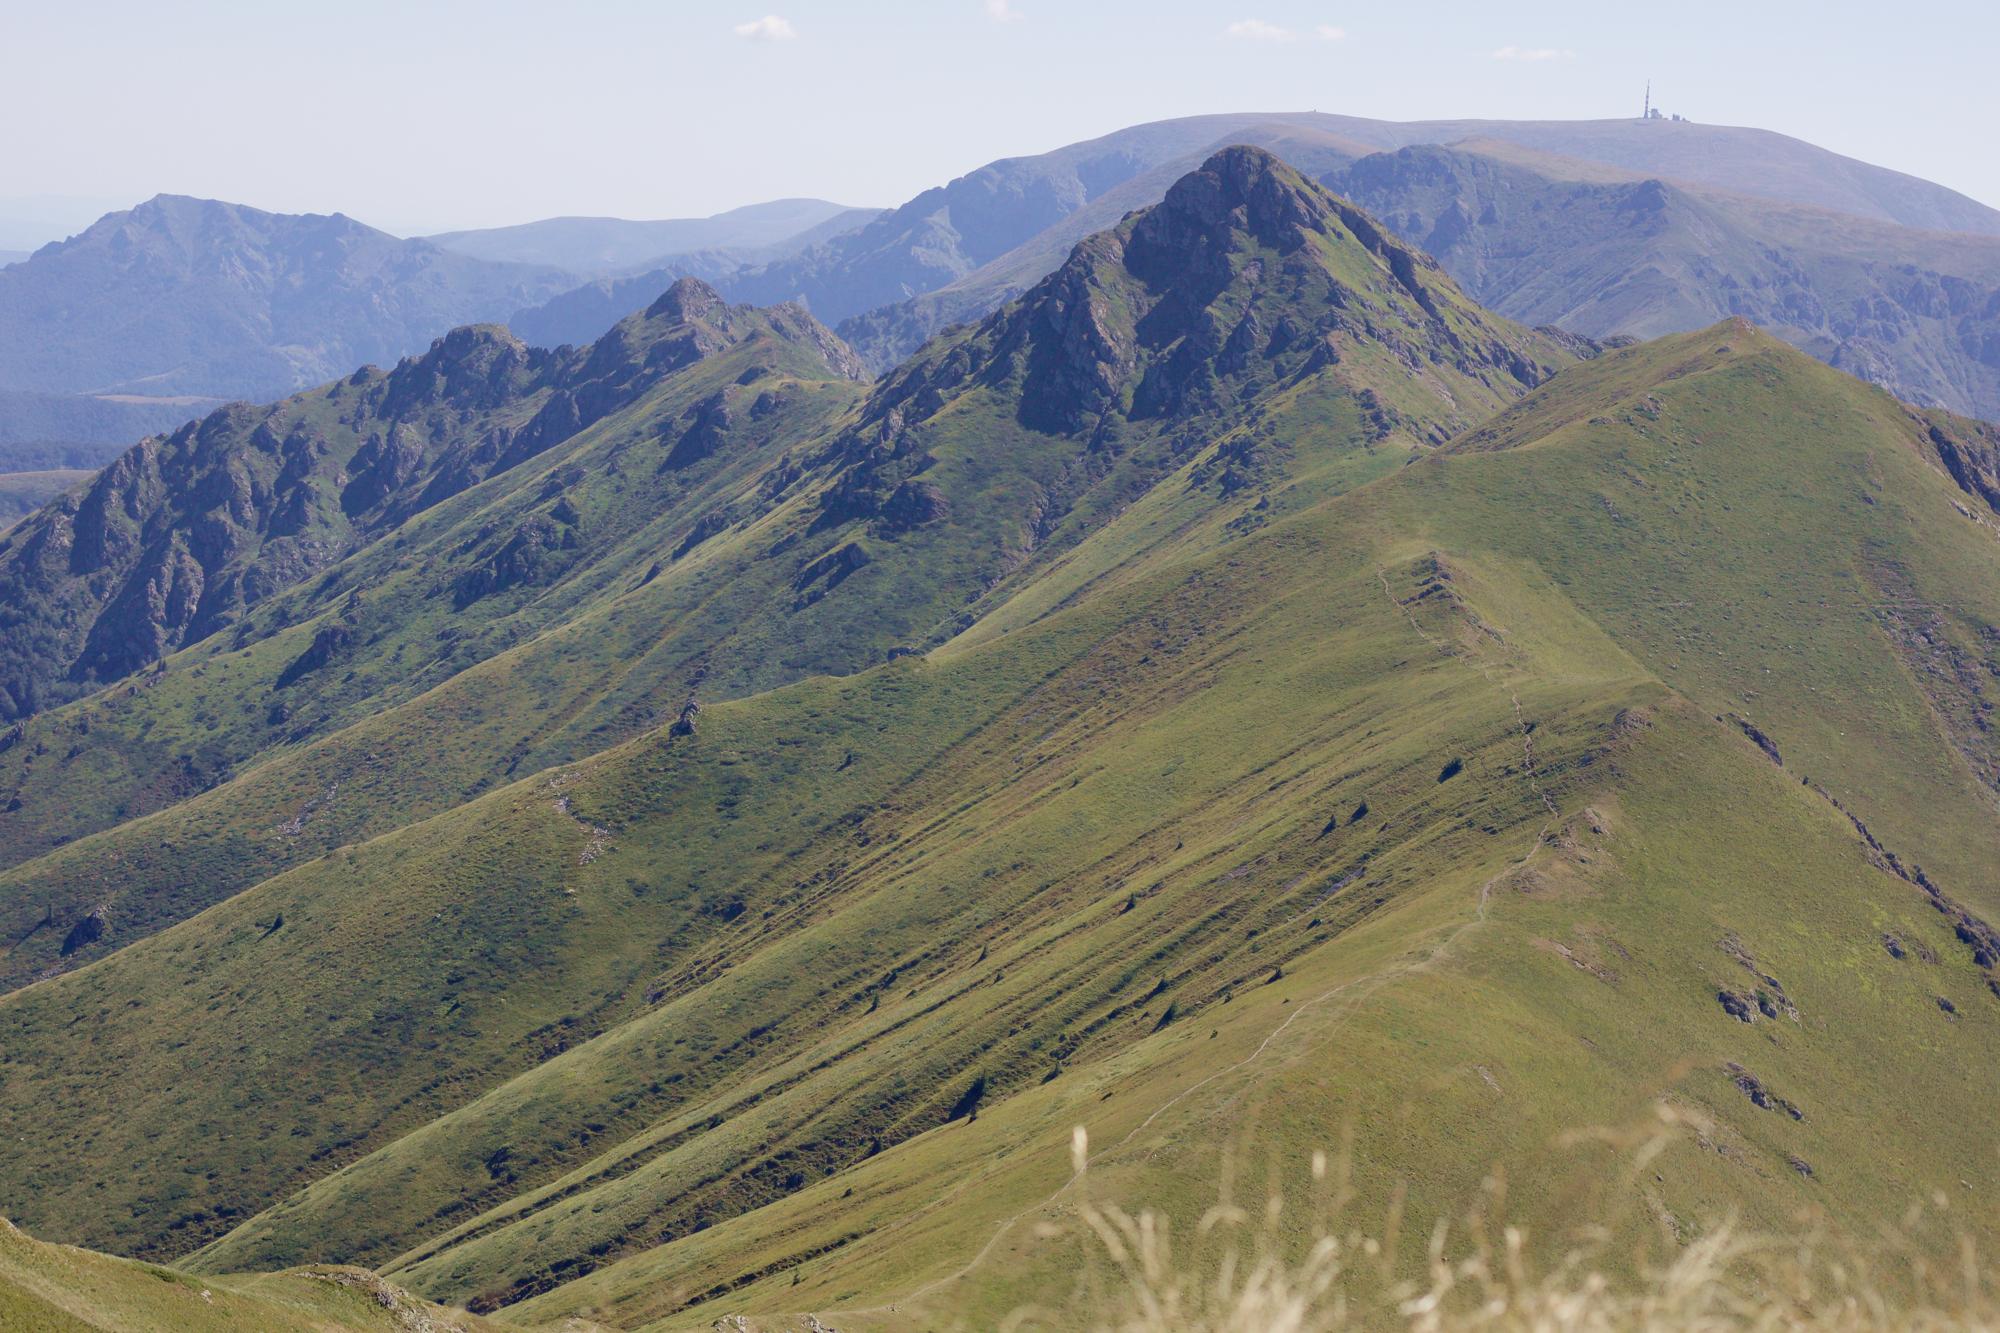 Четири дни, четири нощи с палатка в Стара планина – ден 2, от хижа Амбарица през Старопланинския траверс до заслон Ботев